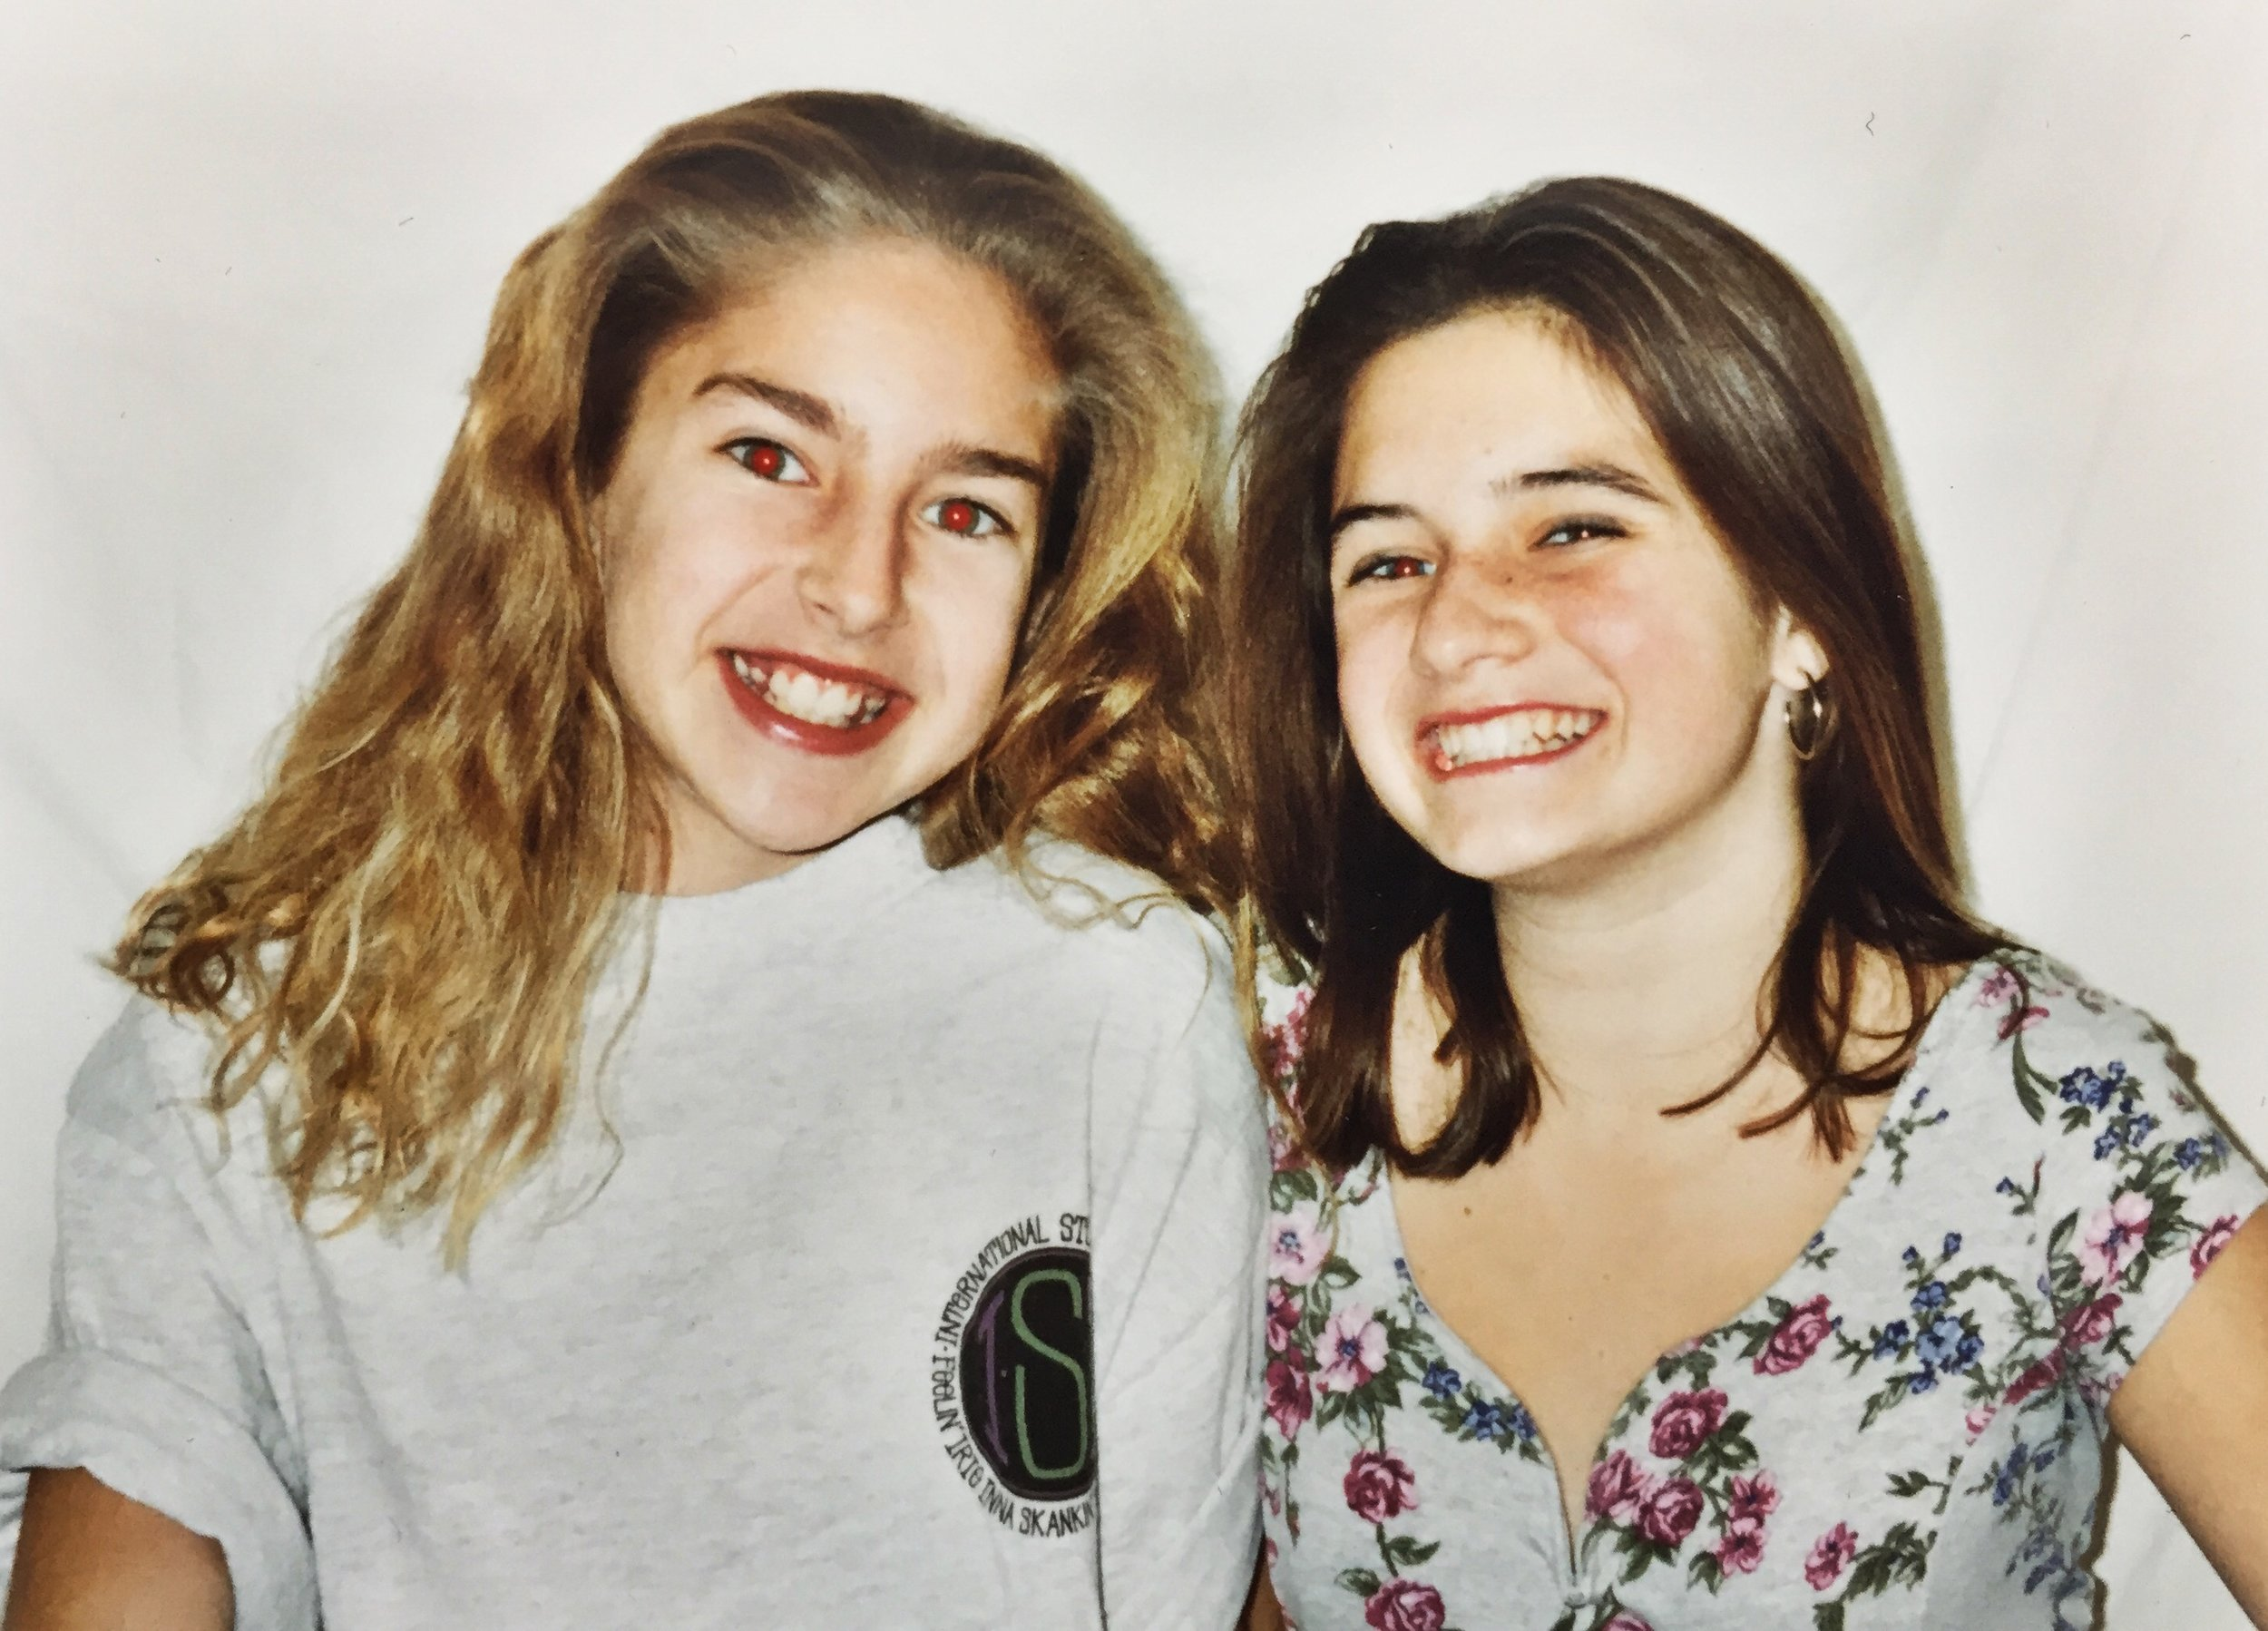 Eileen & Courtney circa 6th grade